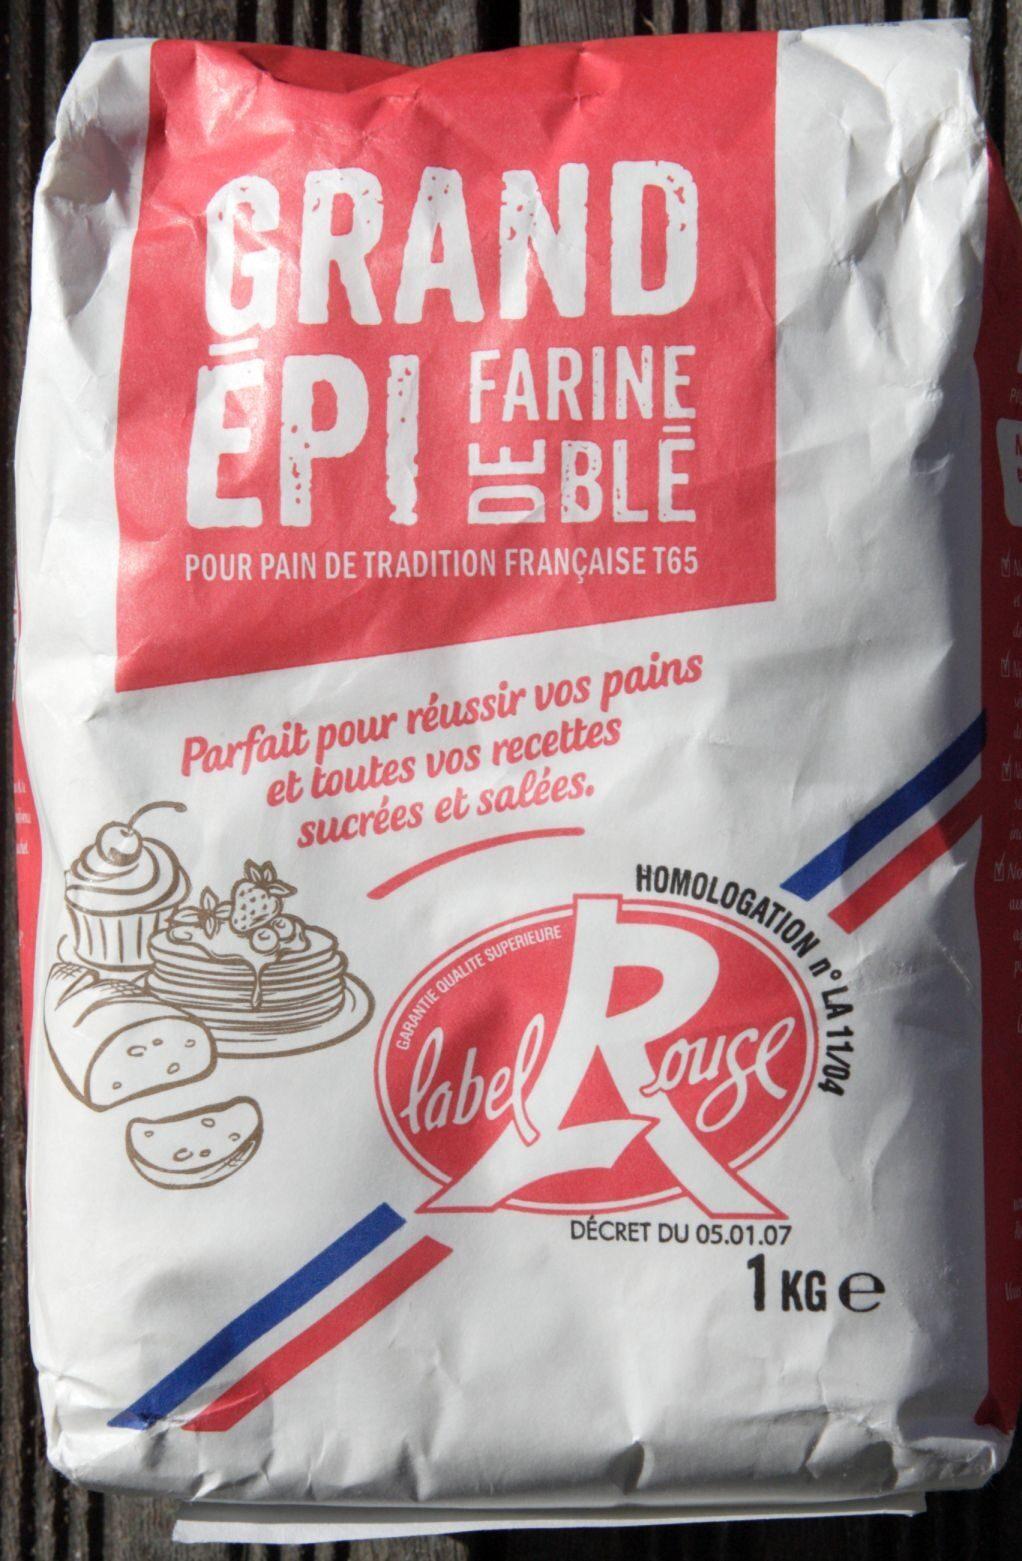 Farine de blé - Product - fr